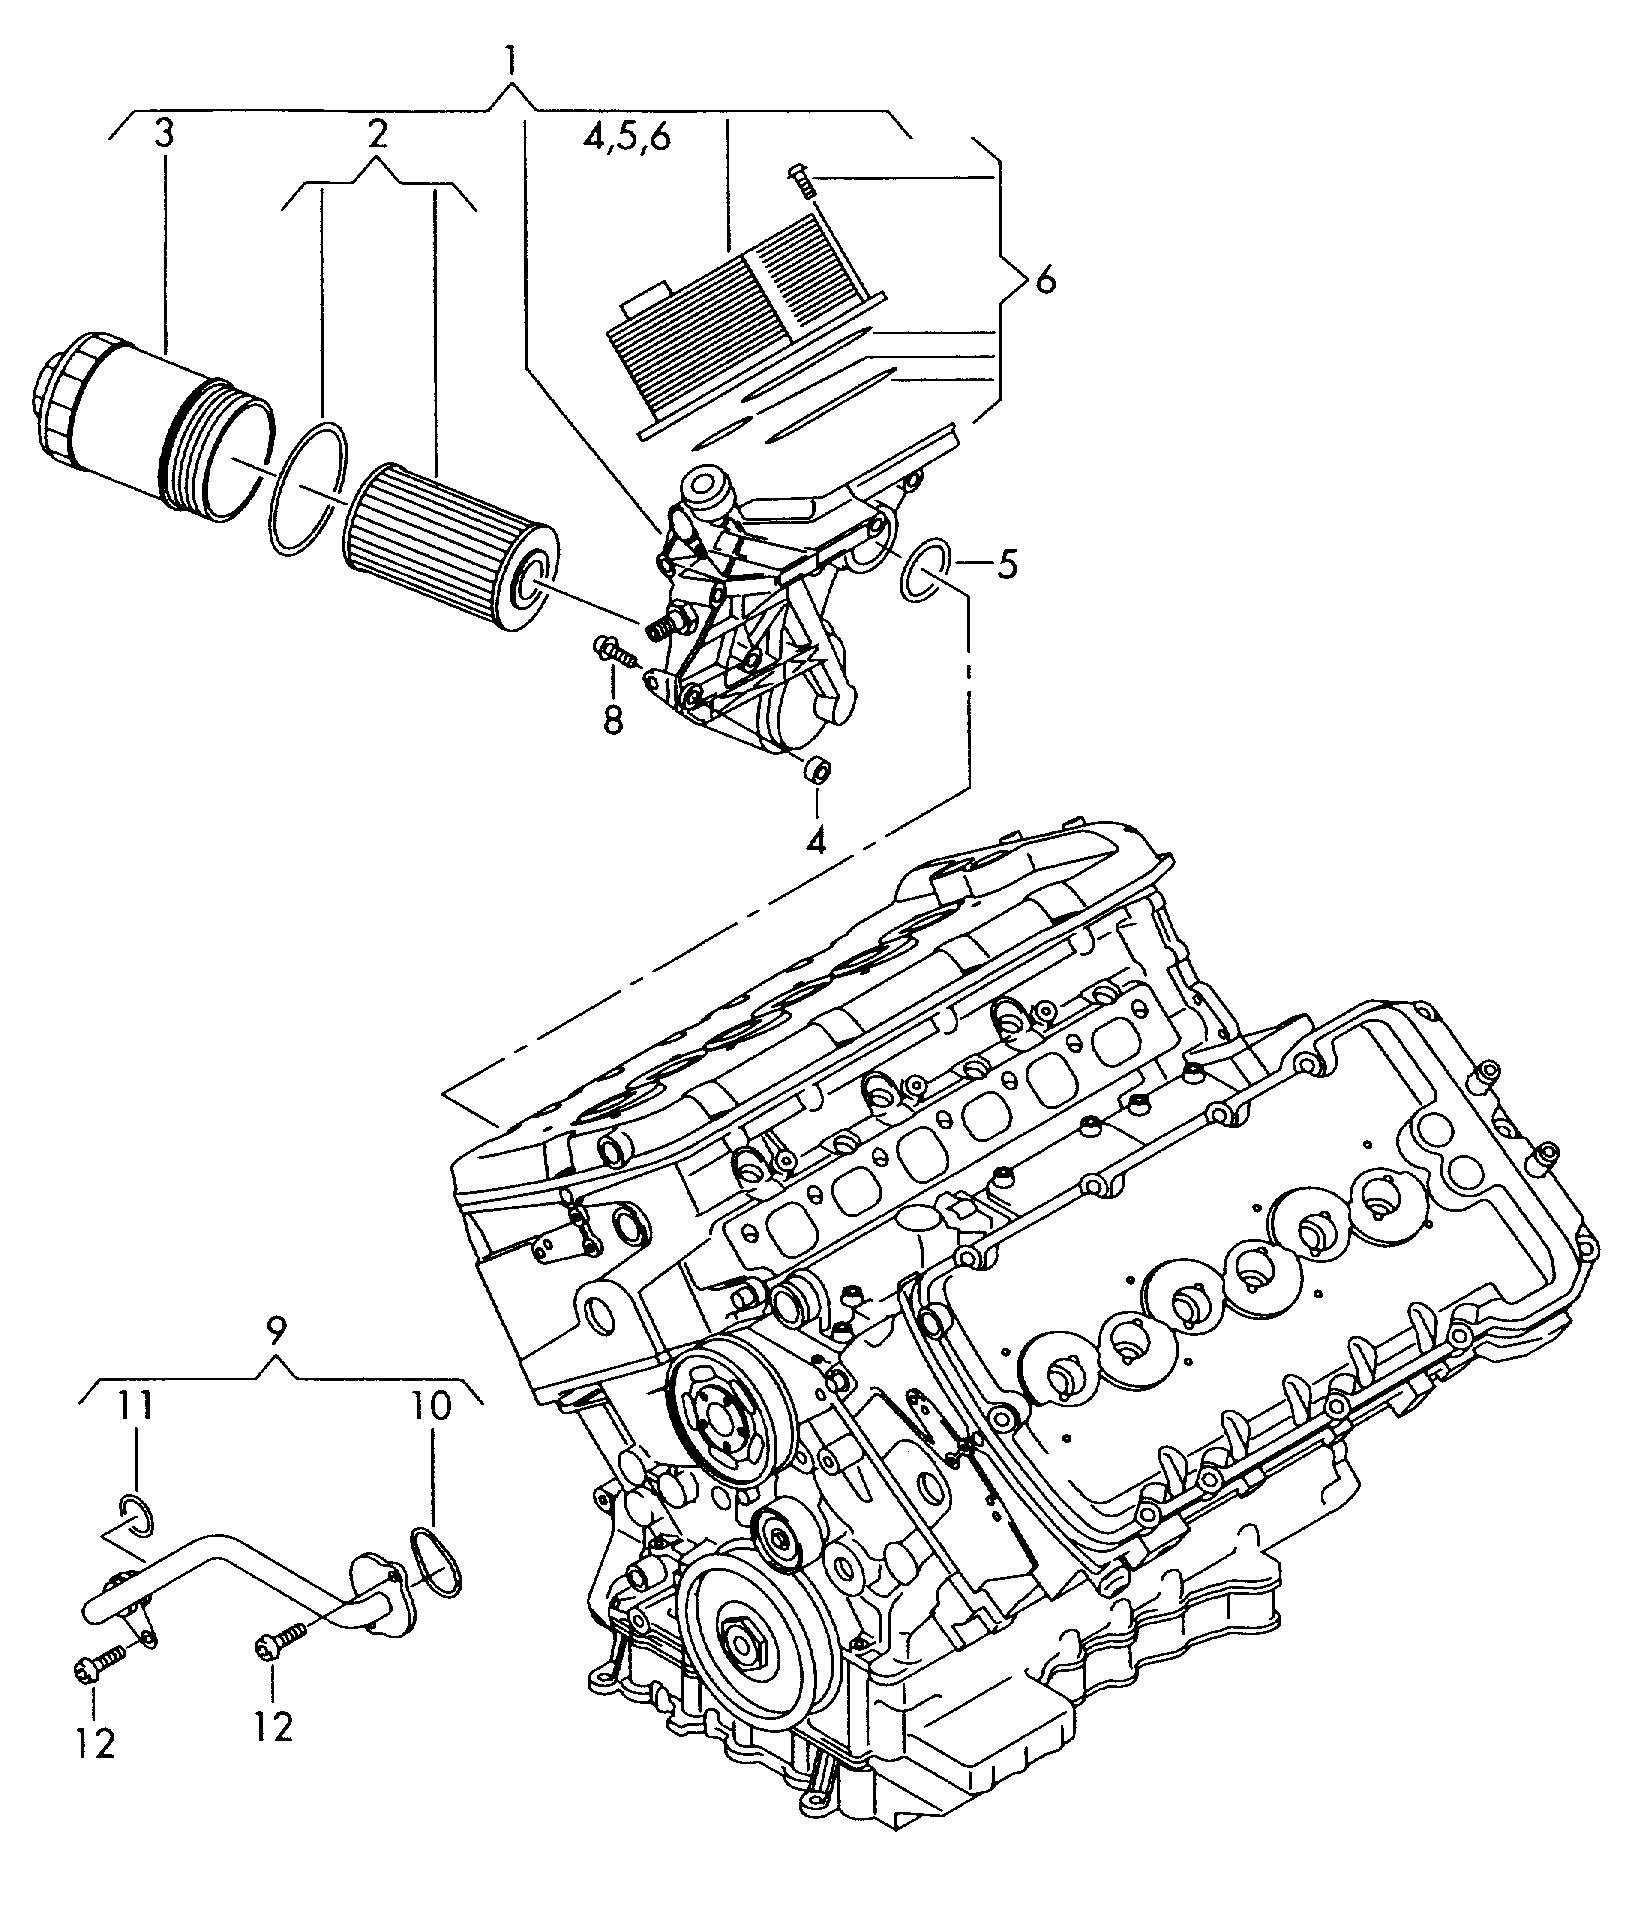 bmw x3 wiring diagram wiper